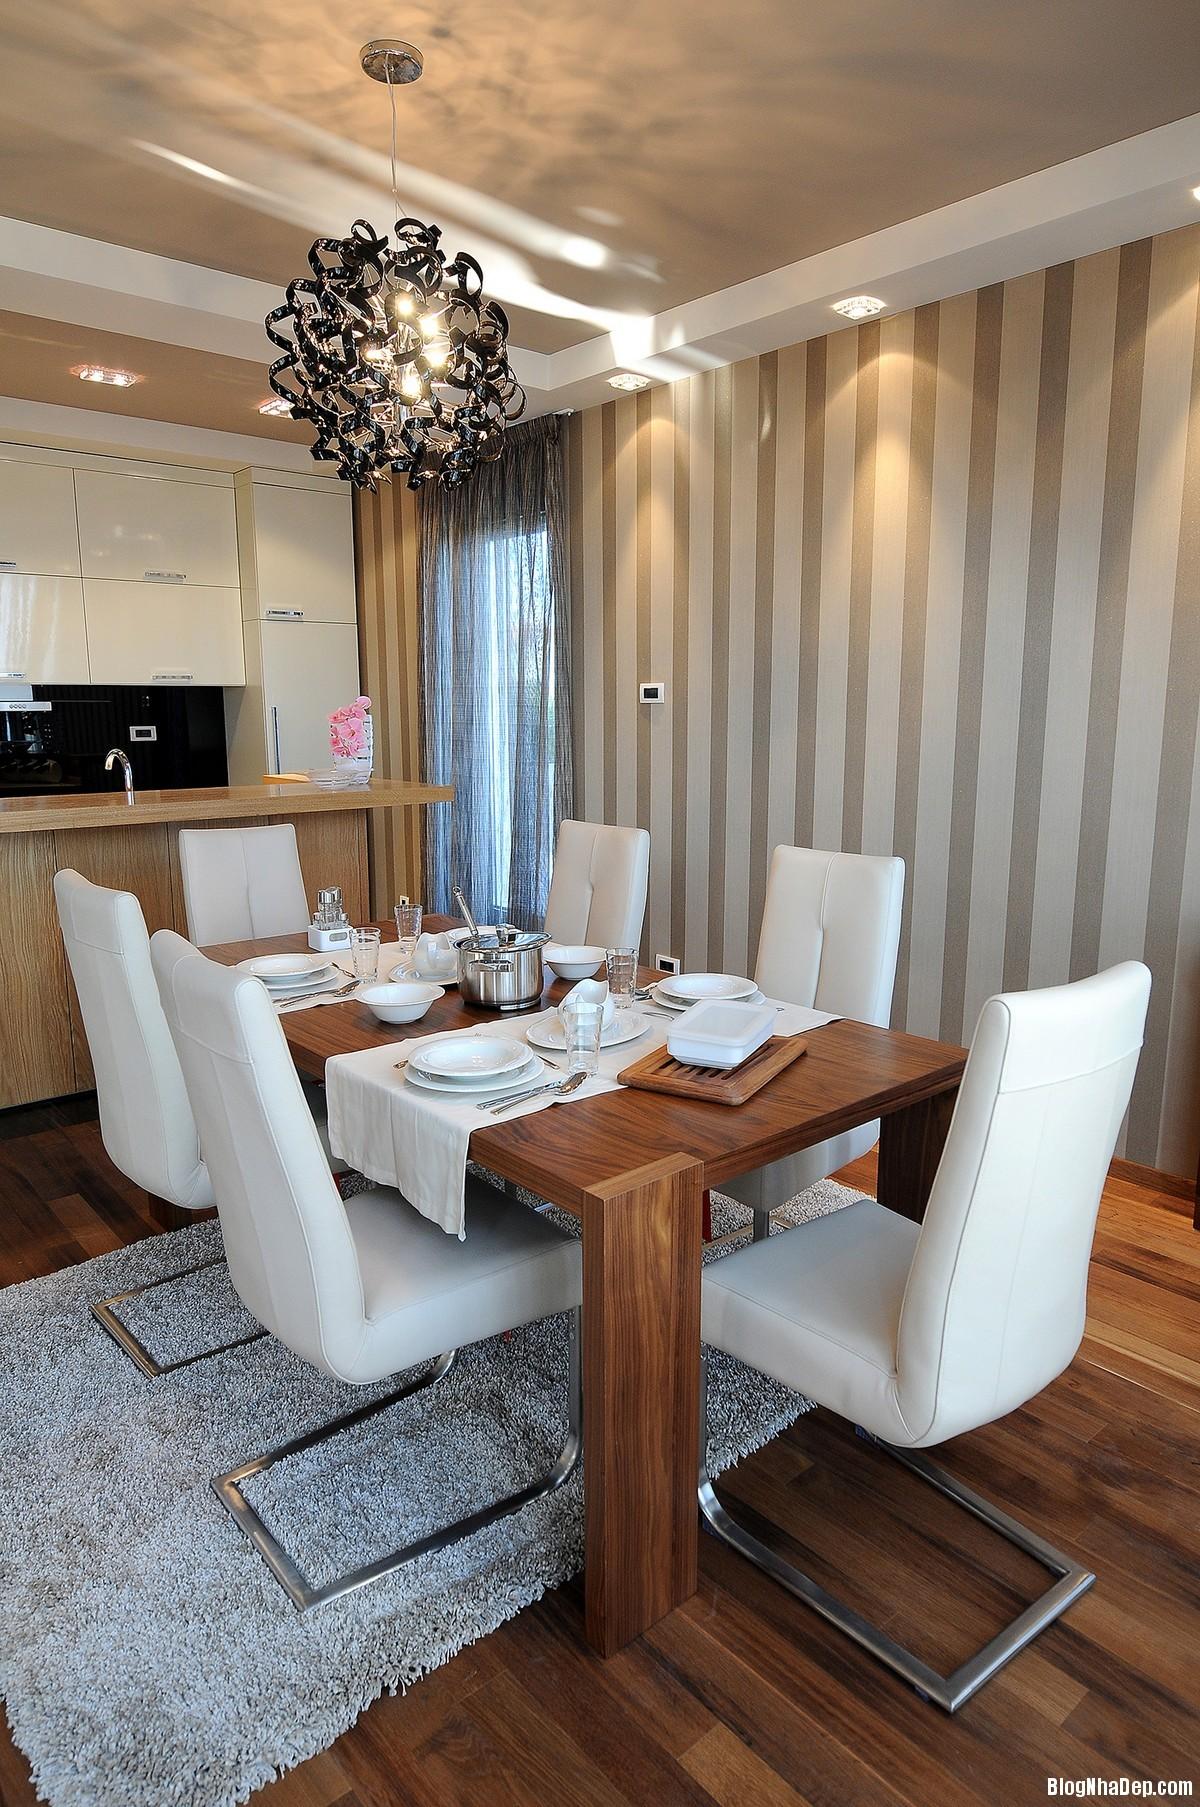 Mau Thiet Ke Nha Dep Belgrade 0433 Nhà Penthouse Với Nội Thất Hiện Đại